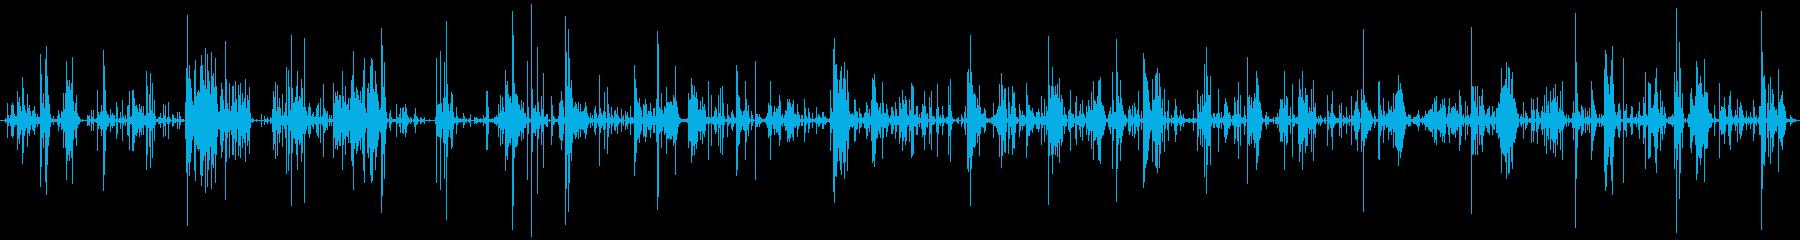 メタル チェーンムーブメント03の再生済みの波形